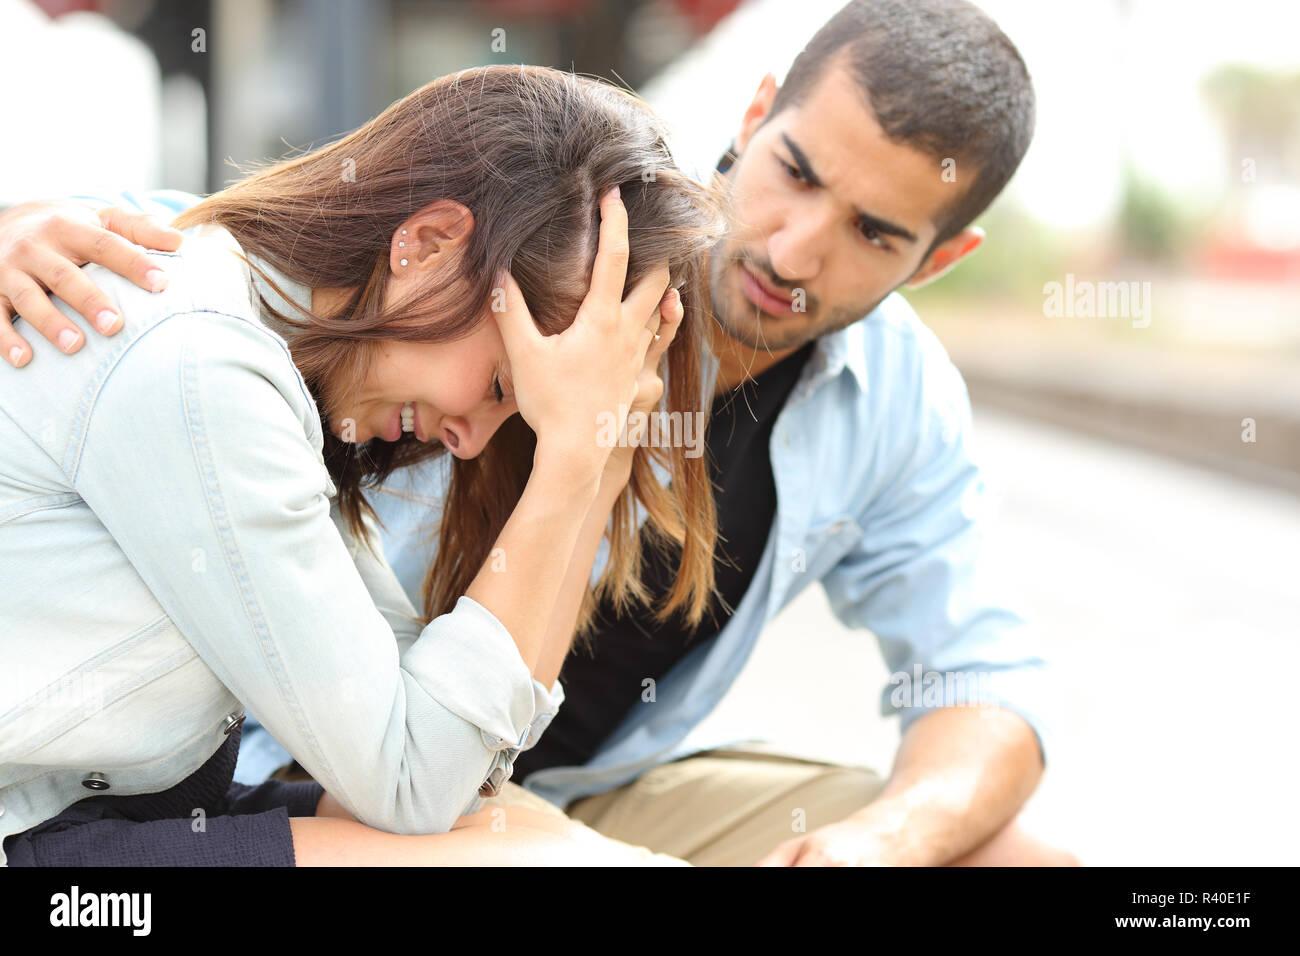 Muslim-Mädchen aus einem weißen Kerl Psychsim 5 Dating und Paarung